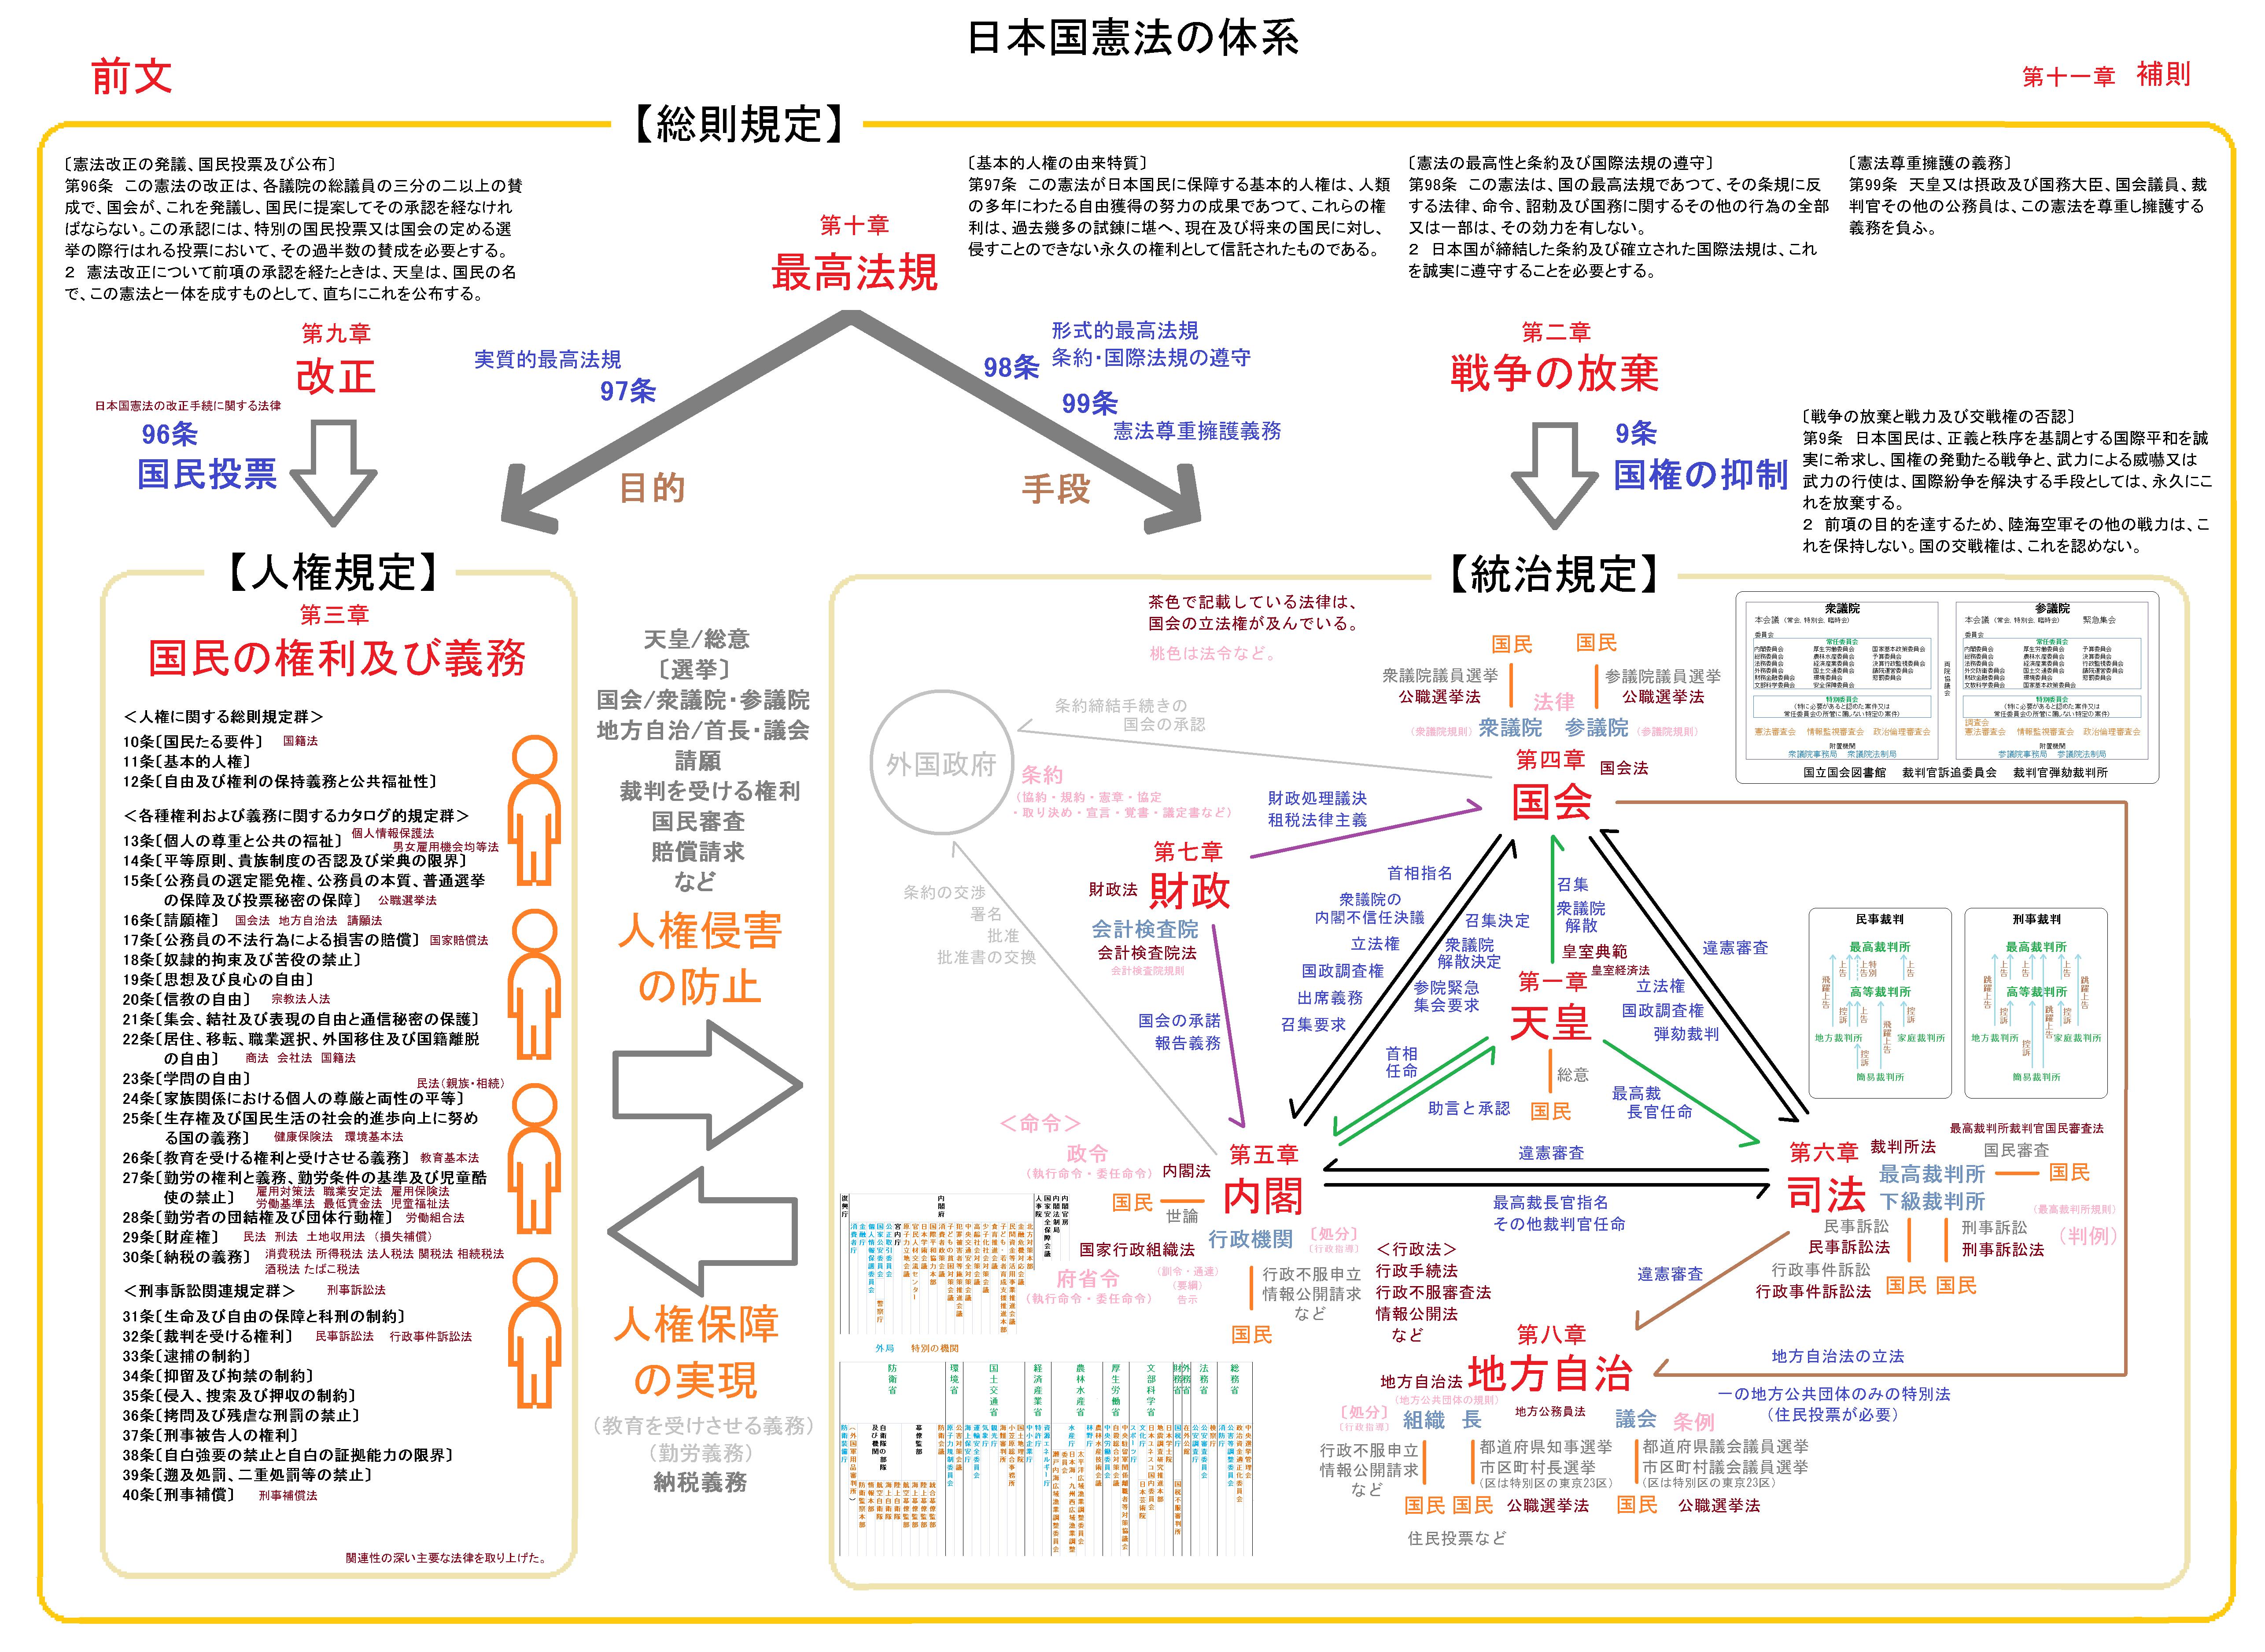 法学マップ - kenpokaisei